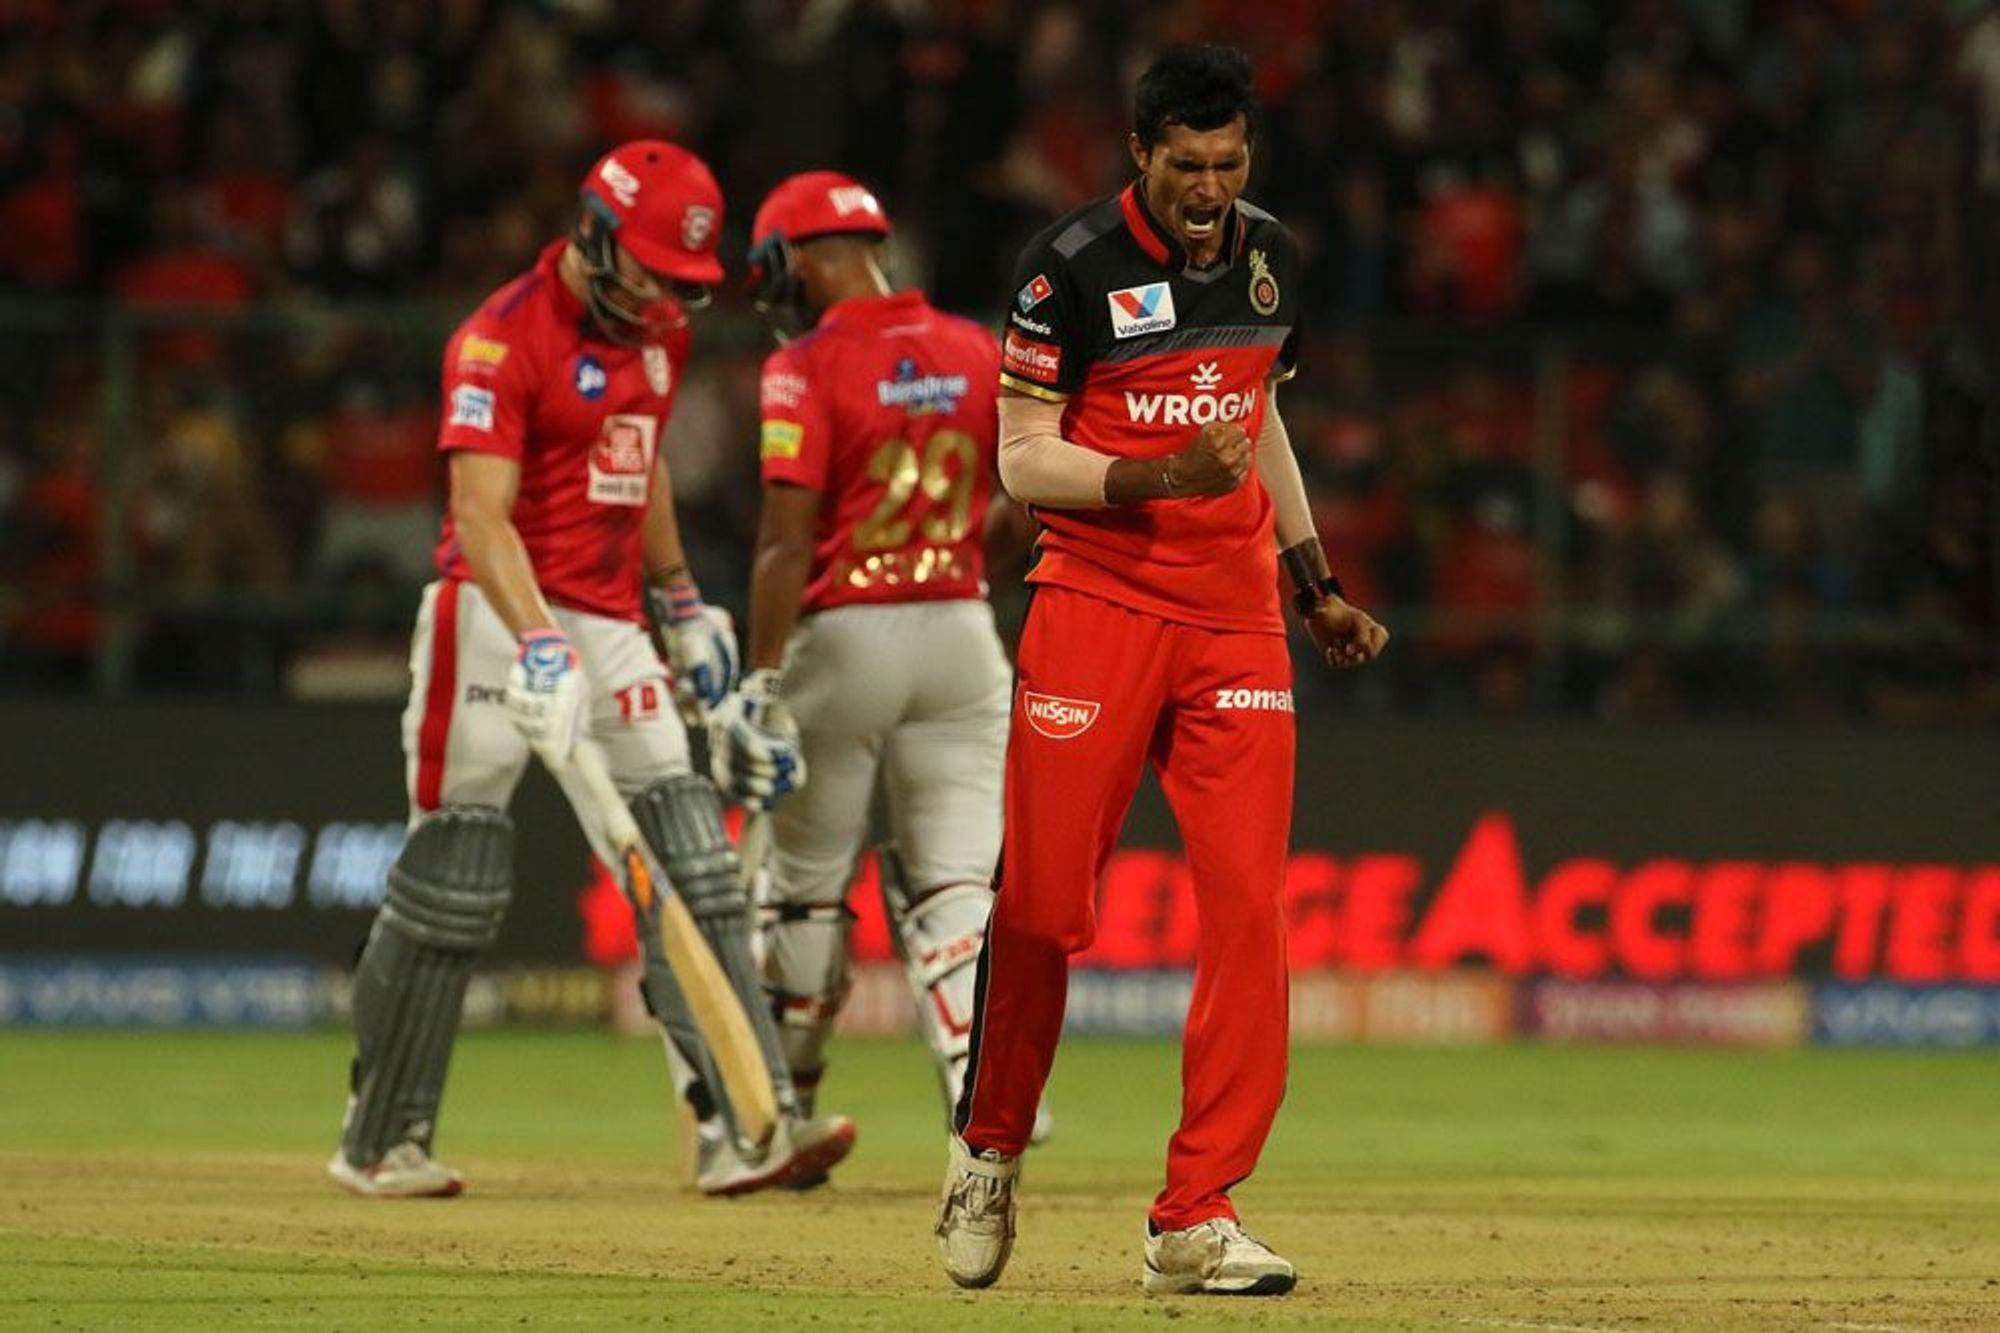 रॉयल चैलेंजर्स बैंगलोर के खिलाफ किंग्स इलेवन पंजाब की हार के ये रहे 3 प्रमुख कारण 2